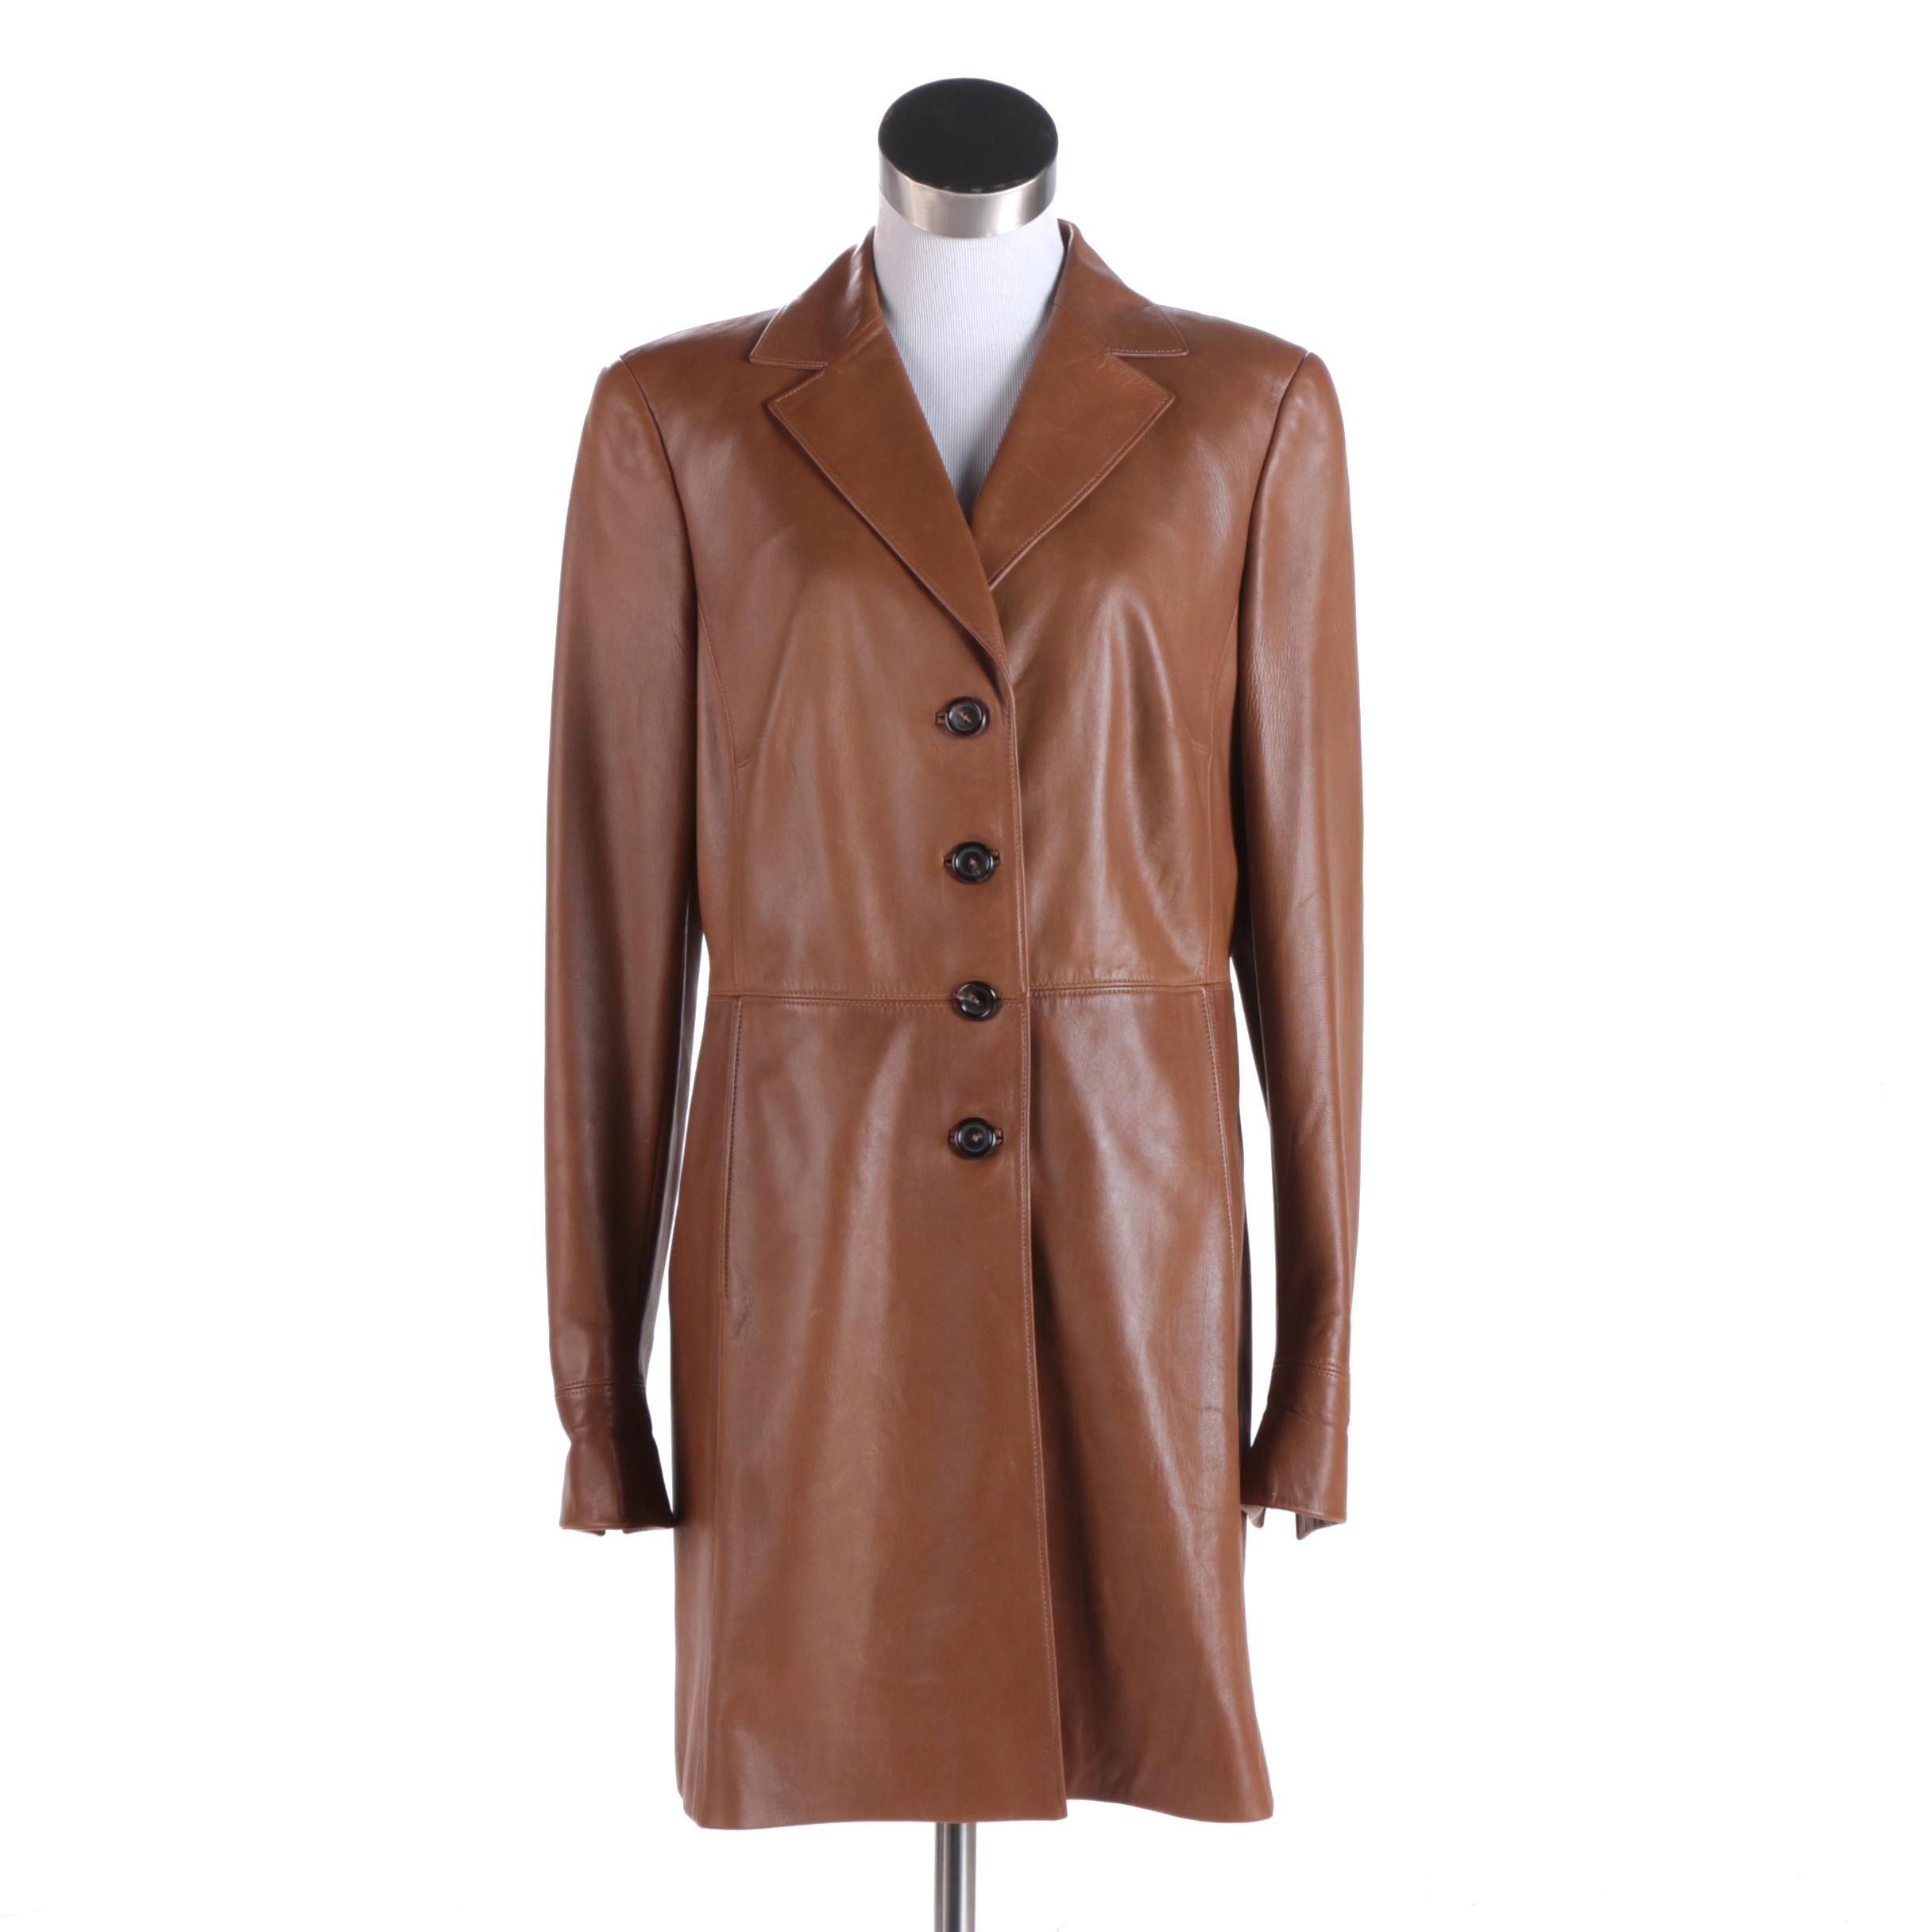 Women's Akris Brown Leather Jacket